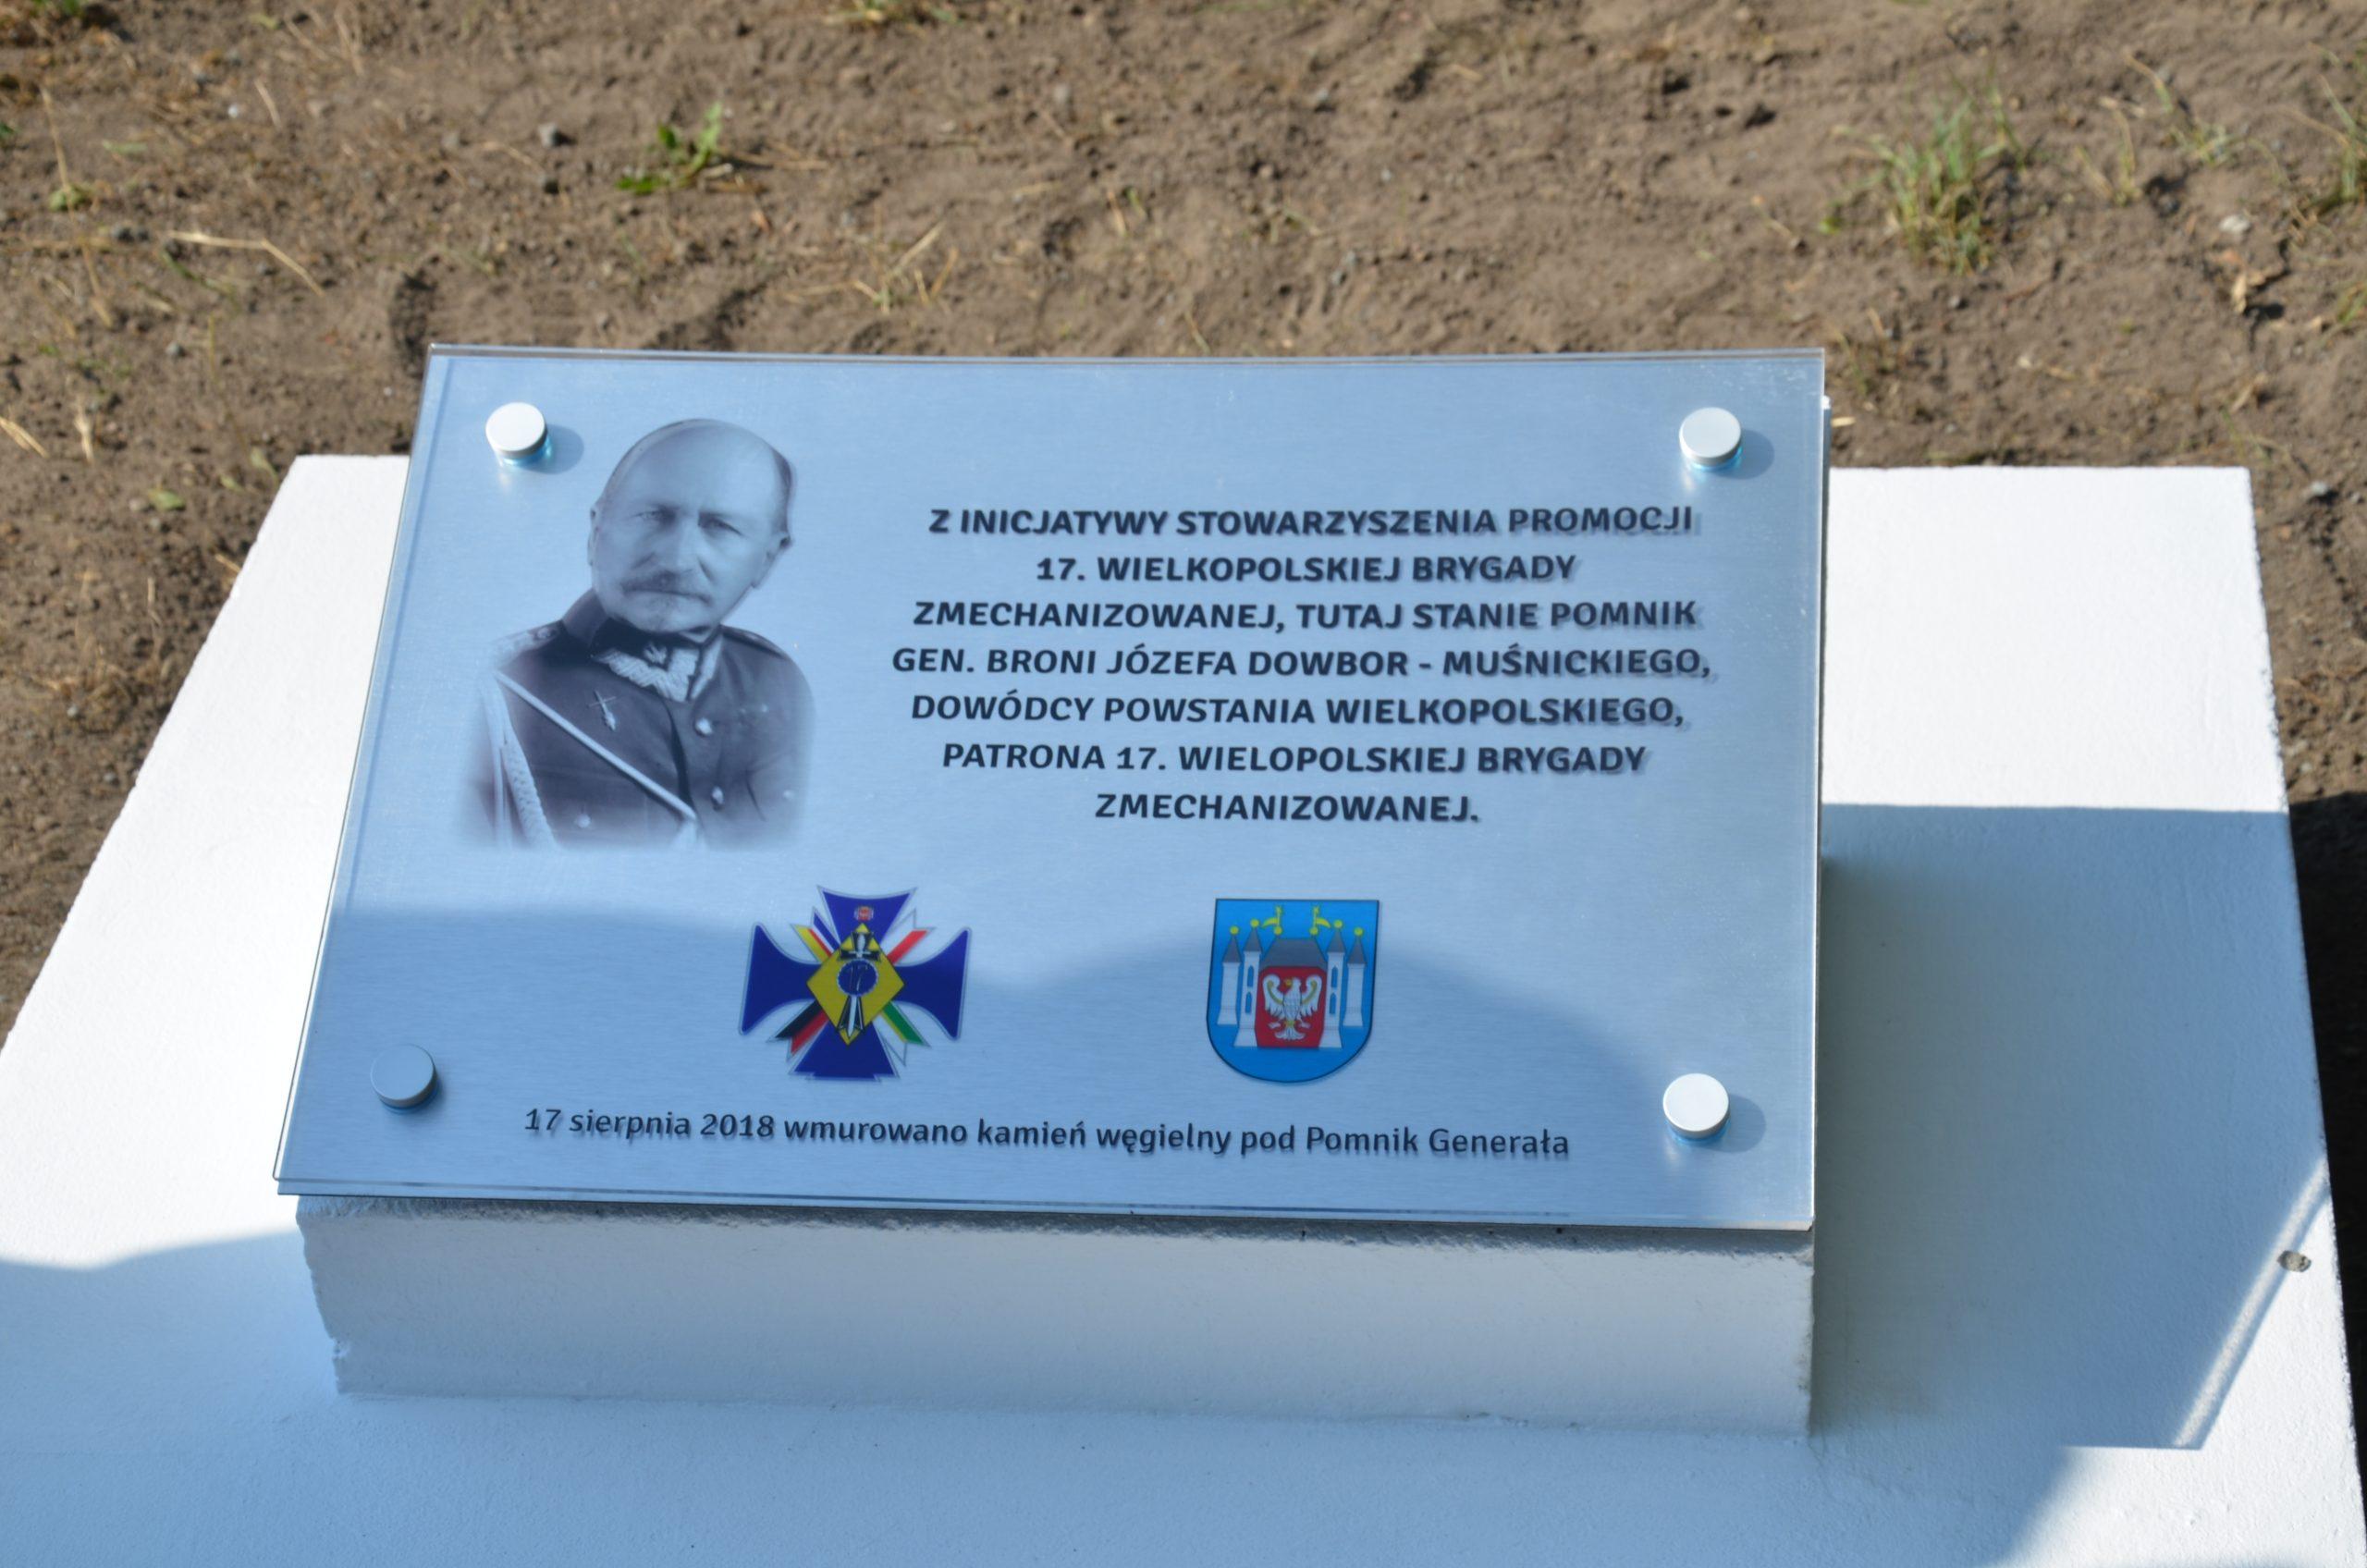 Wmurowanie kamienia węgielnego pod pomnik dowódcy Powstania Wielkopolskiego gen. Józefa Dowbora-Muśnickiego.